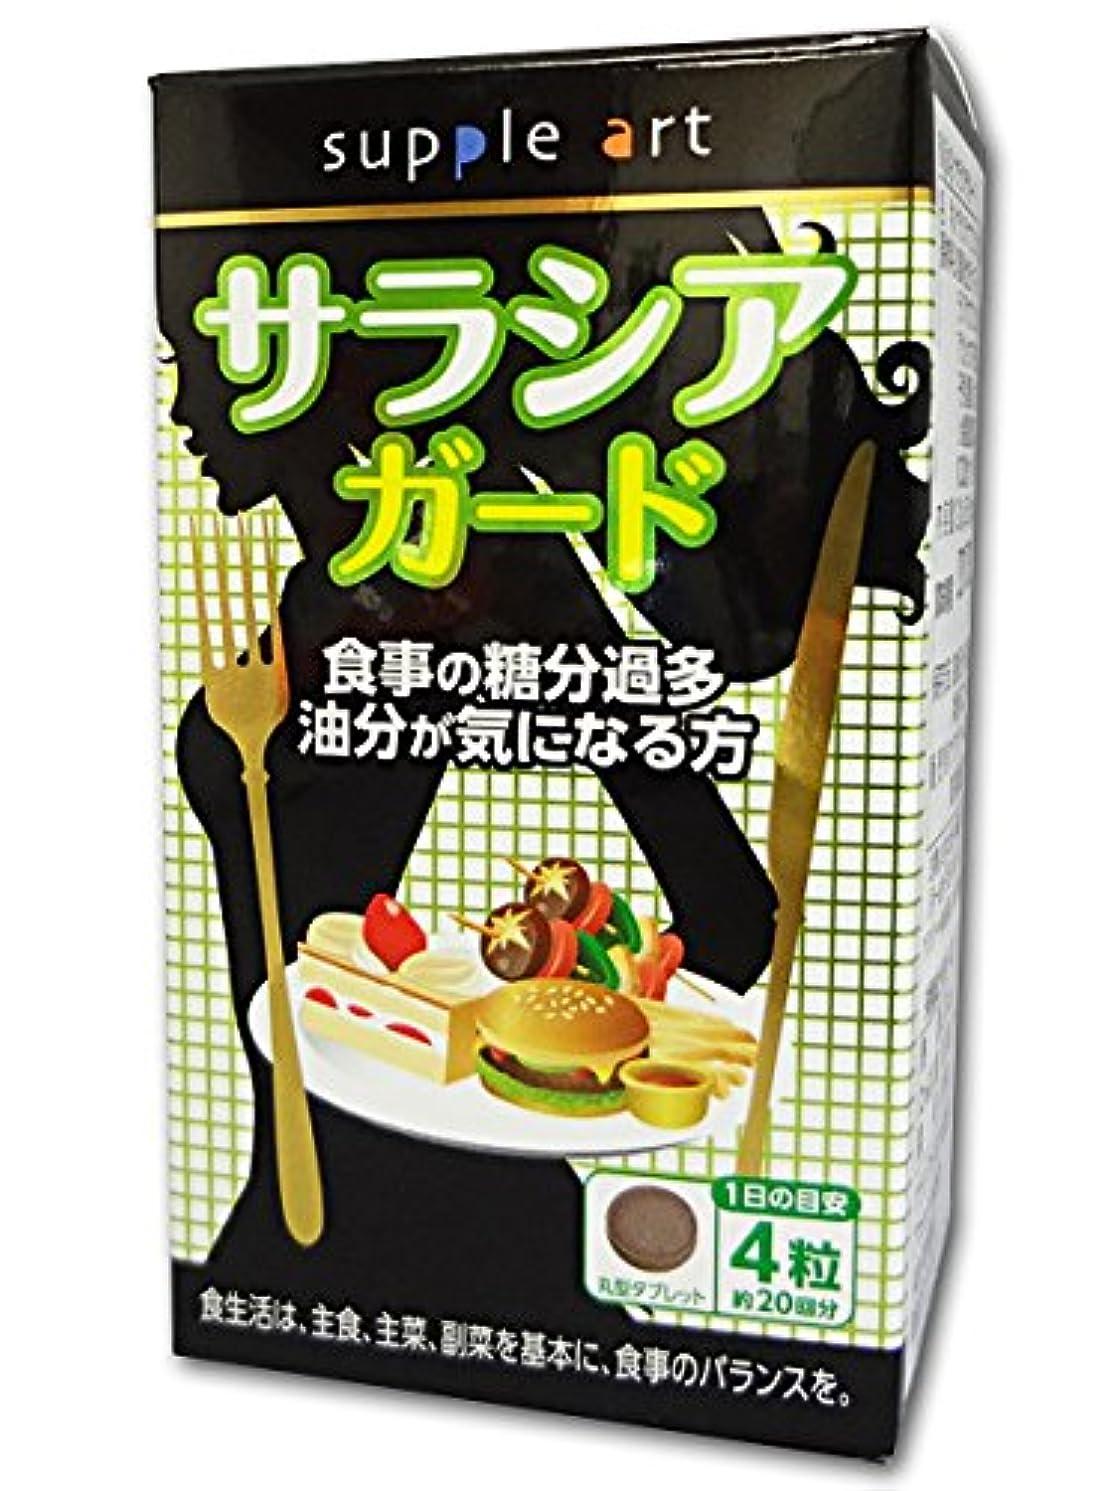 温帯来て昇るサプリアート サラシアガード 食事の糖分過多油分が気になる方 80粒